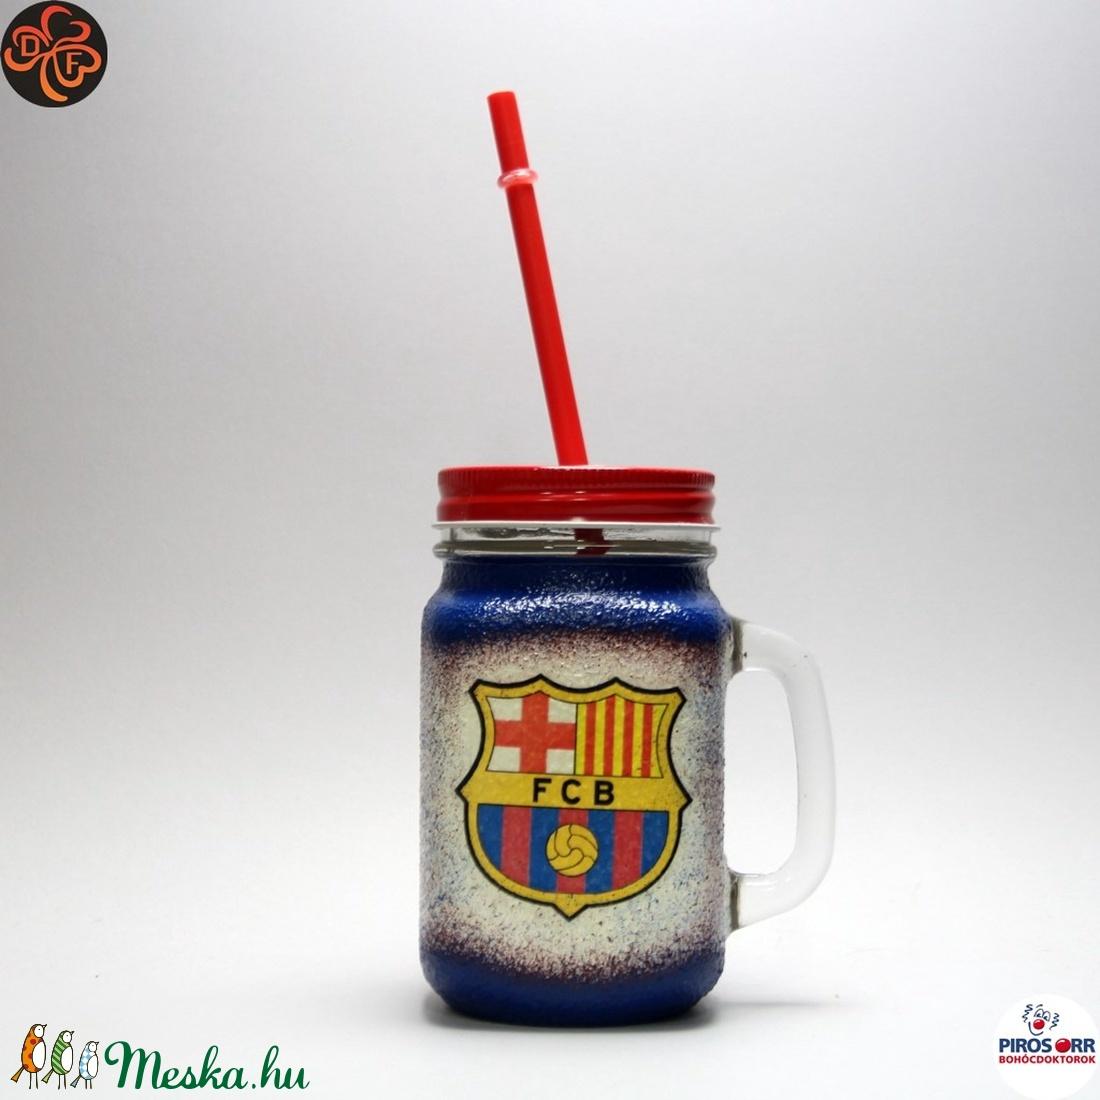 FC Barcelona szívószálas bögre ; foci szurkoló fiúknak, gyerekeknek (decorfantasy) - Meska.hu